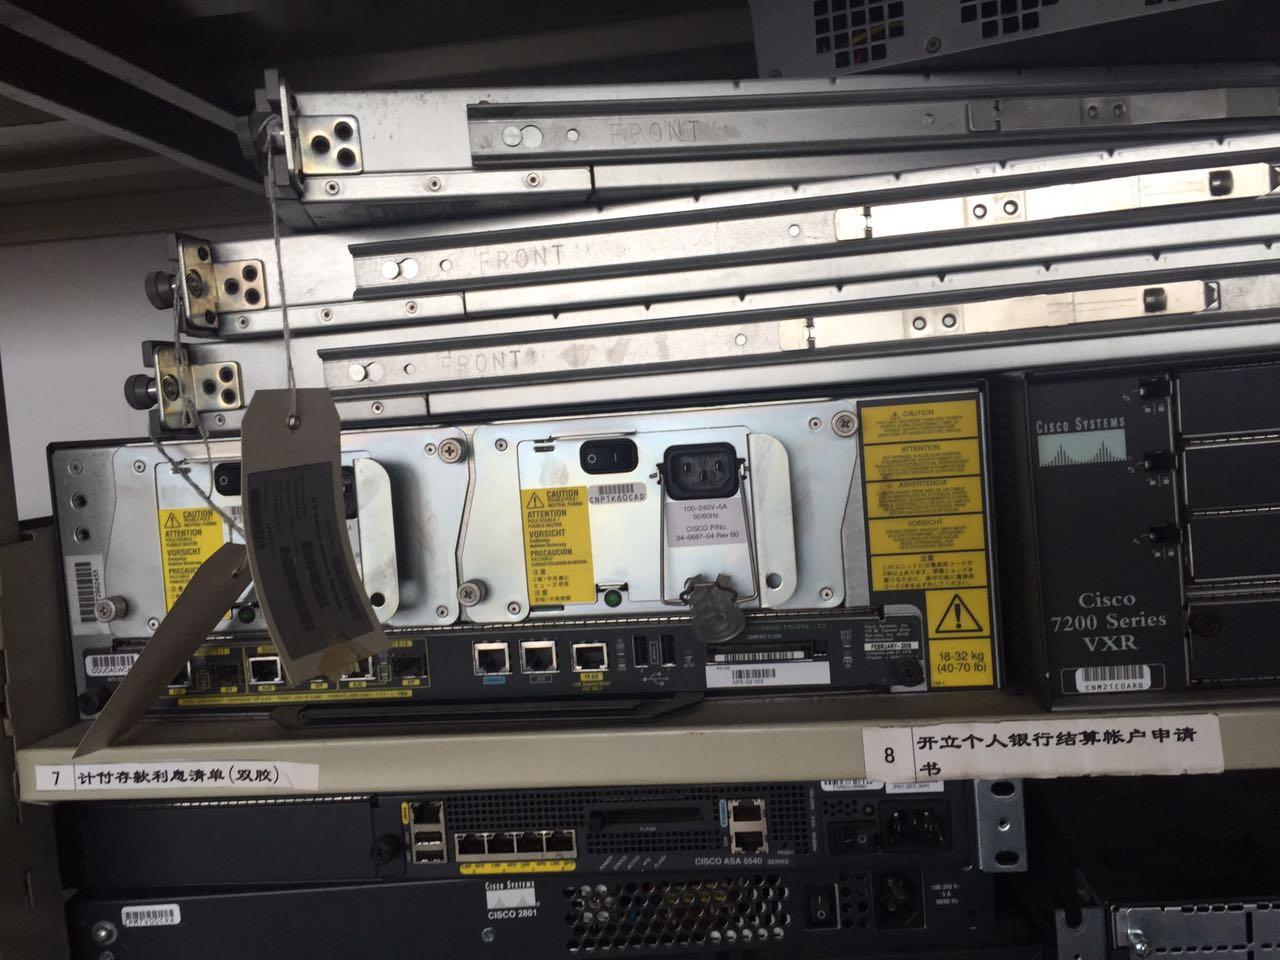 广州服务器回收公司 广州服务器回收电话 广州服务器回收价格